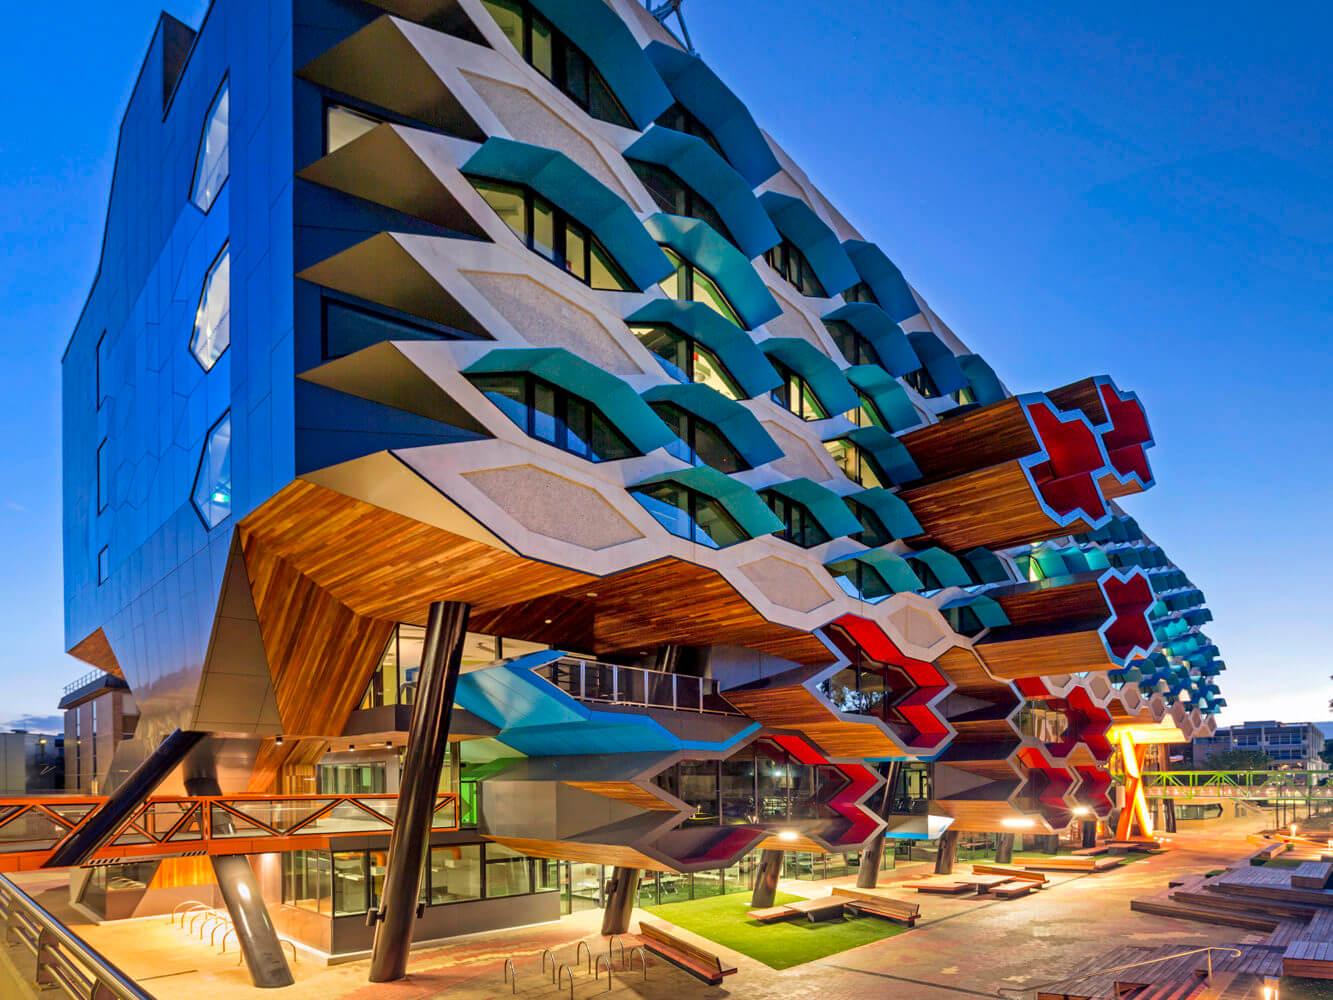 La Trobe University – Universities Australia